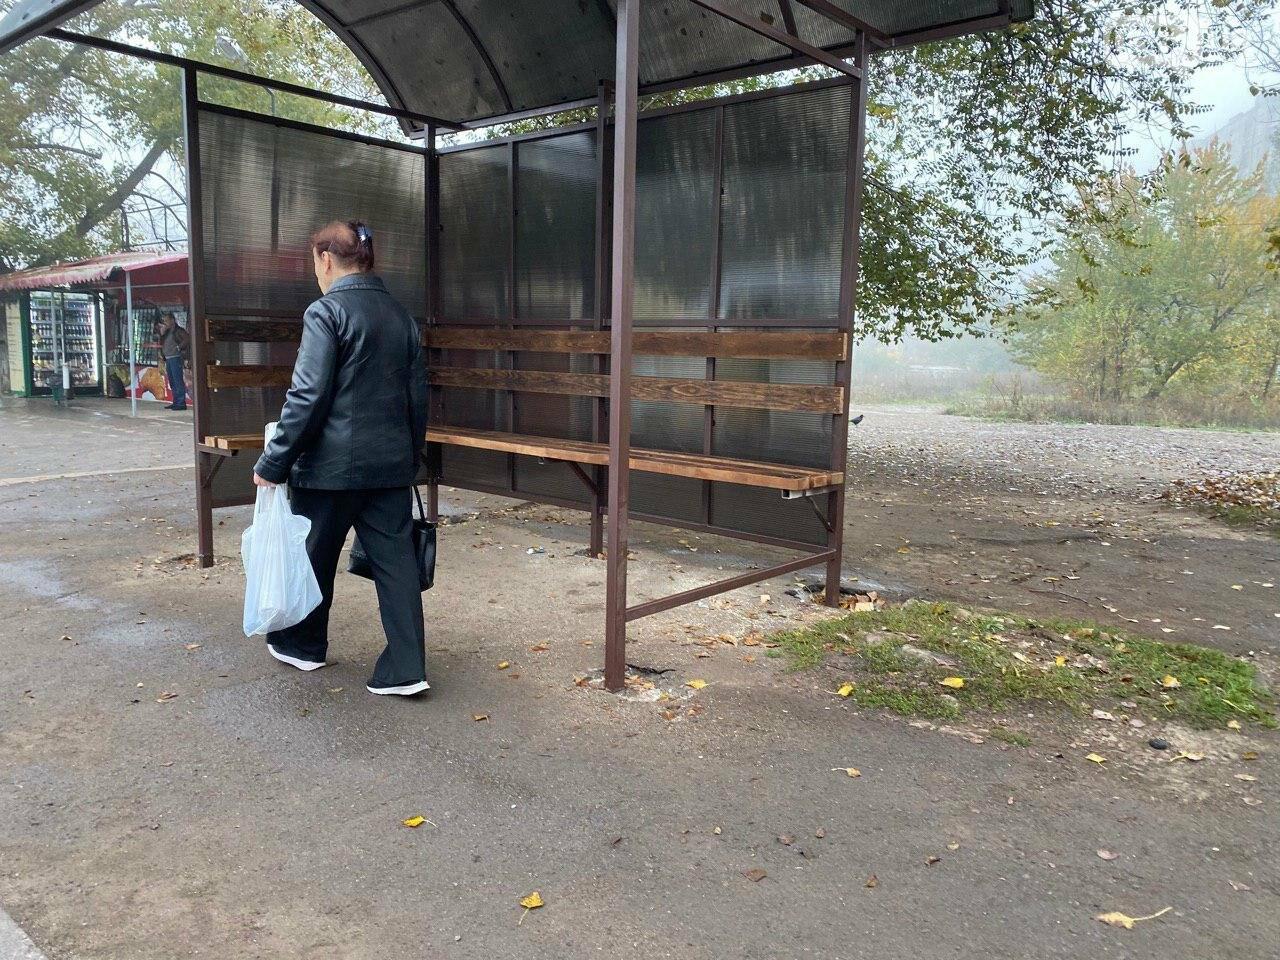 В Кривом Роге предприниматель помогла благоустроить остановку общественного транспорта, - ФОТО, фото-6